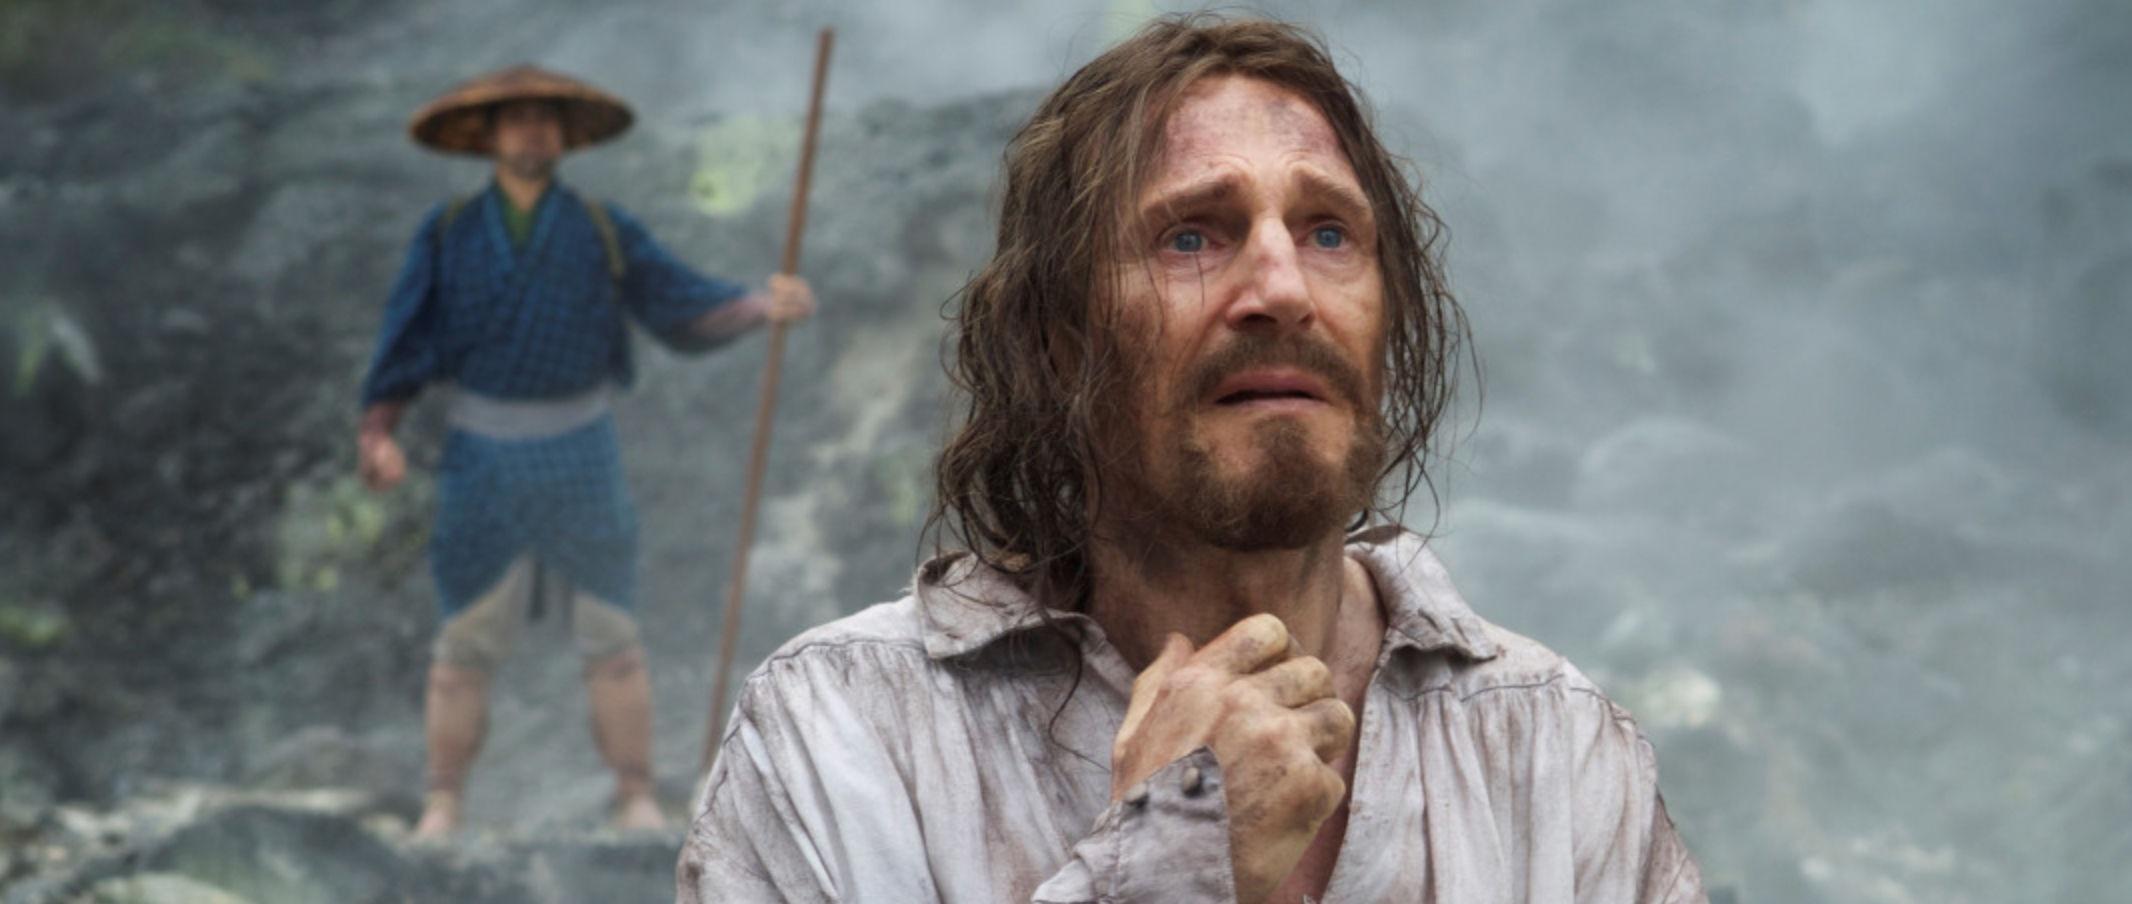 Почему нужно смотреть новый фильм Мартина Скорсезе «Молчание»